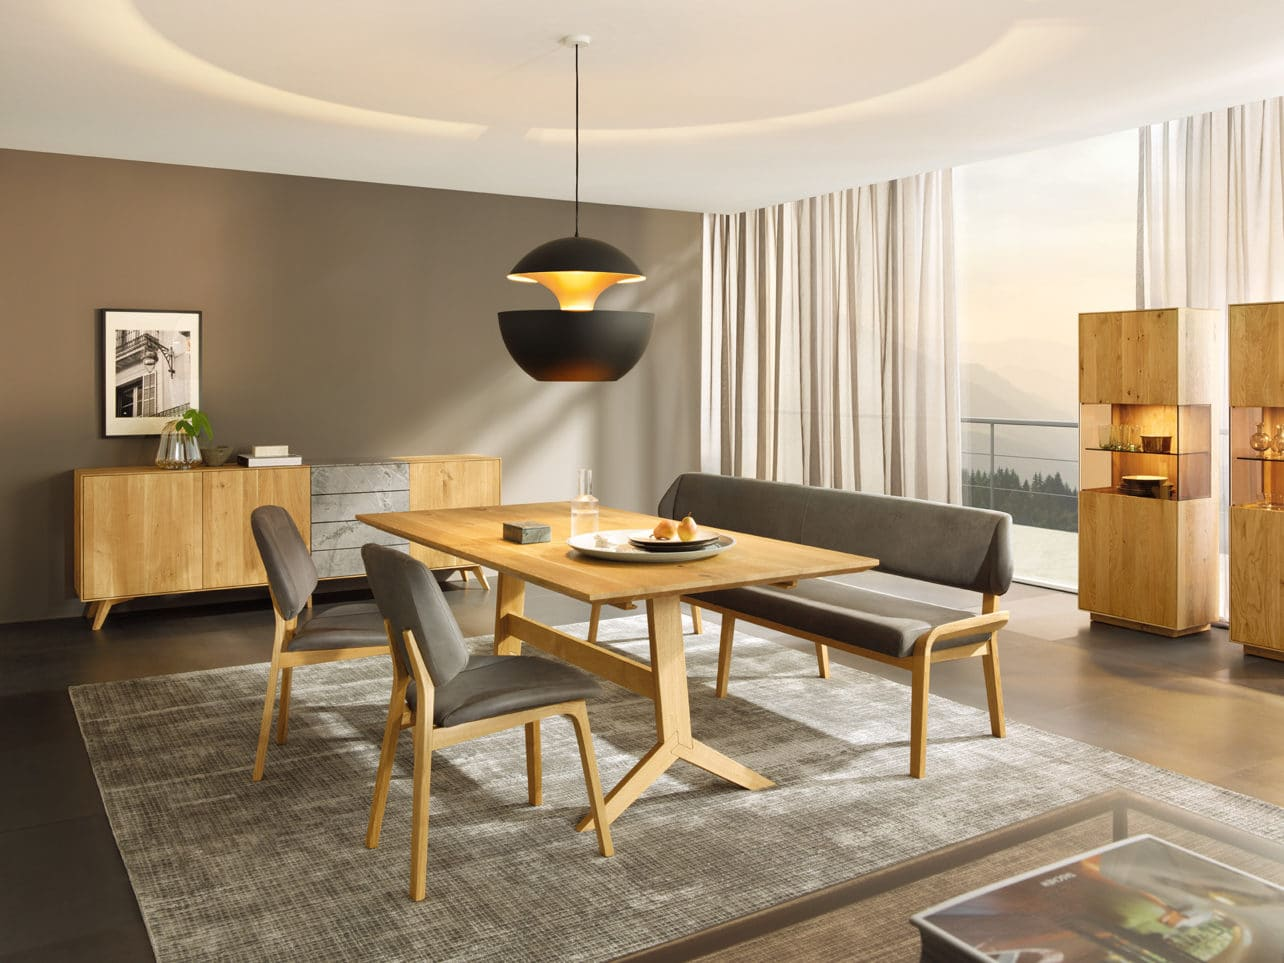 Speisezimmer mit Bank und Stuhl Oreja und Tisch Ypsilon in Asteiche und Balkeneiche gebürstet